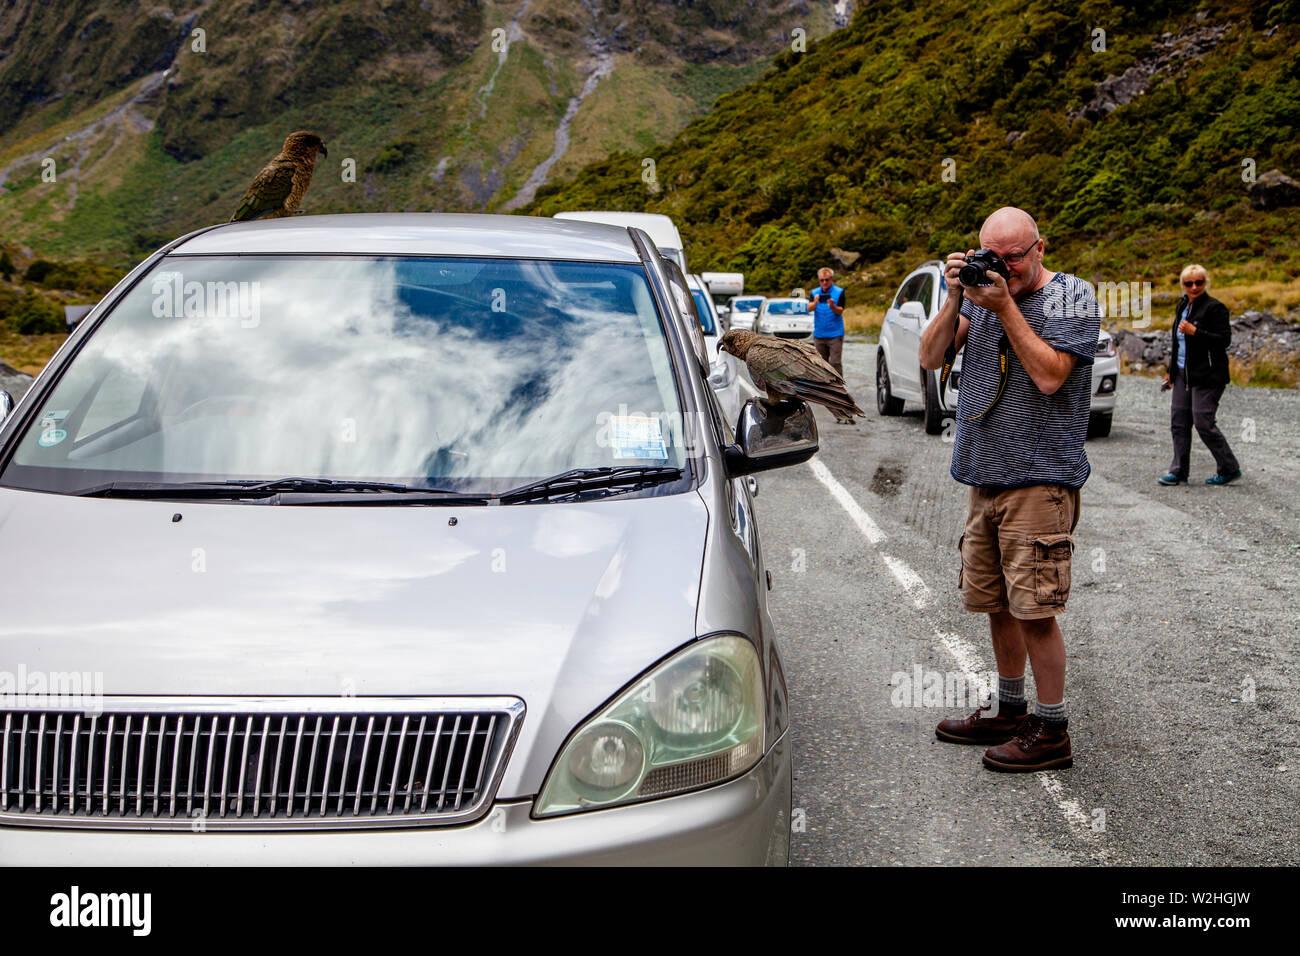 Die Besucher nehmen Fotos Der Gebirgspapageien (Kea Vögel) am Eingang des Homer Tunnel, Fiordland National Park, South Island, Neuseeland Stockfoto